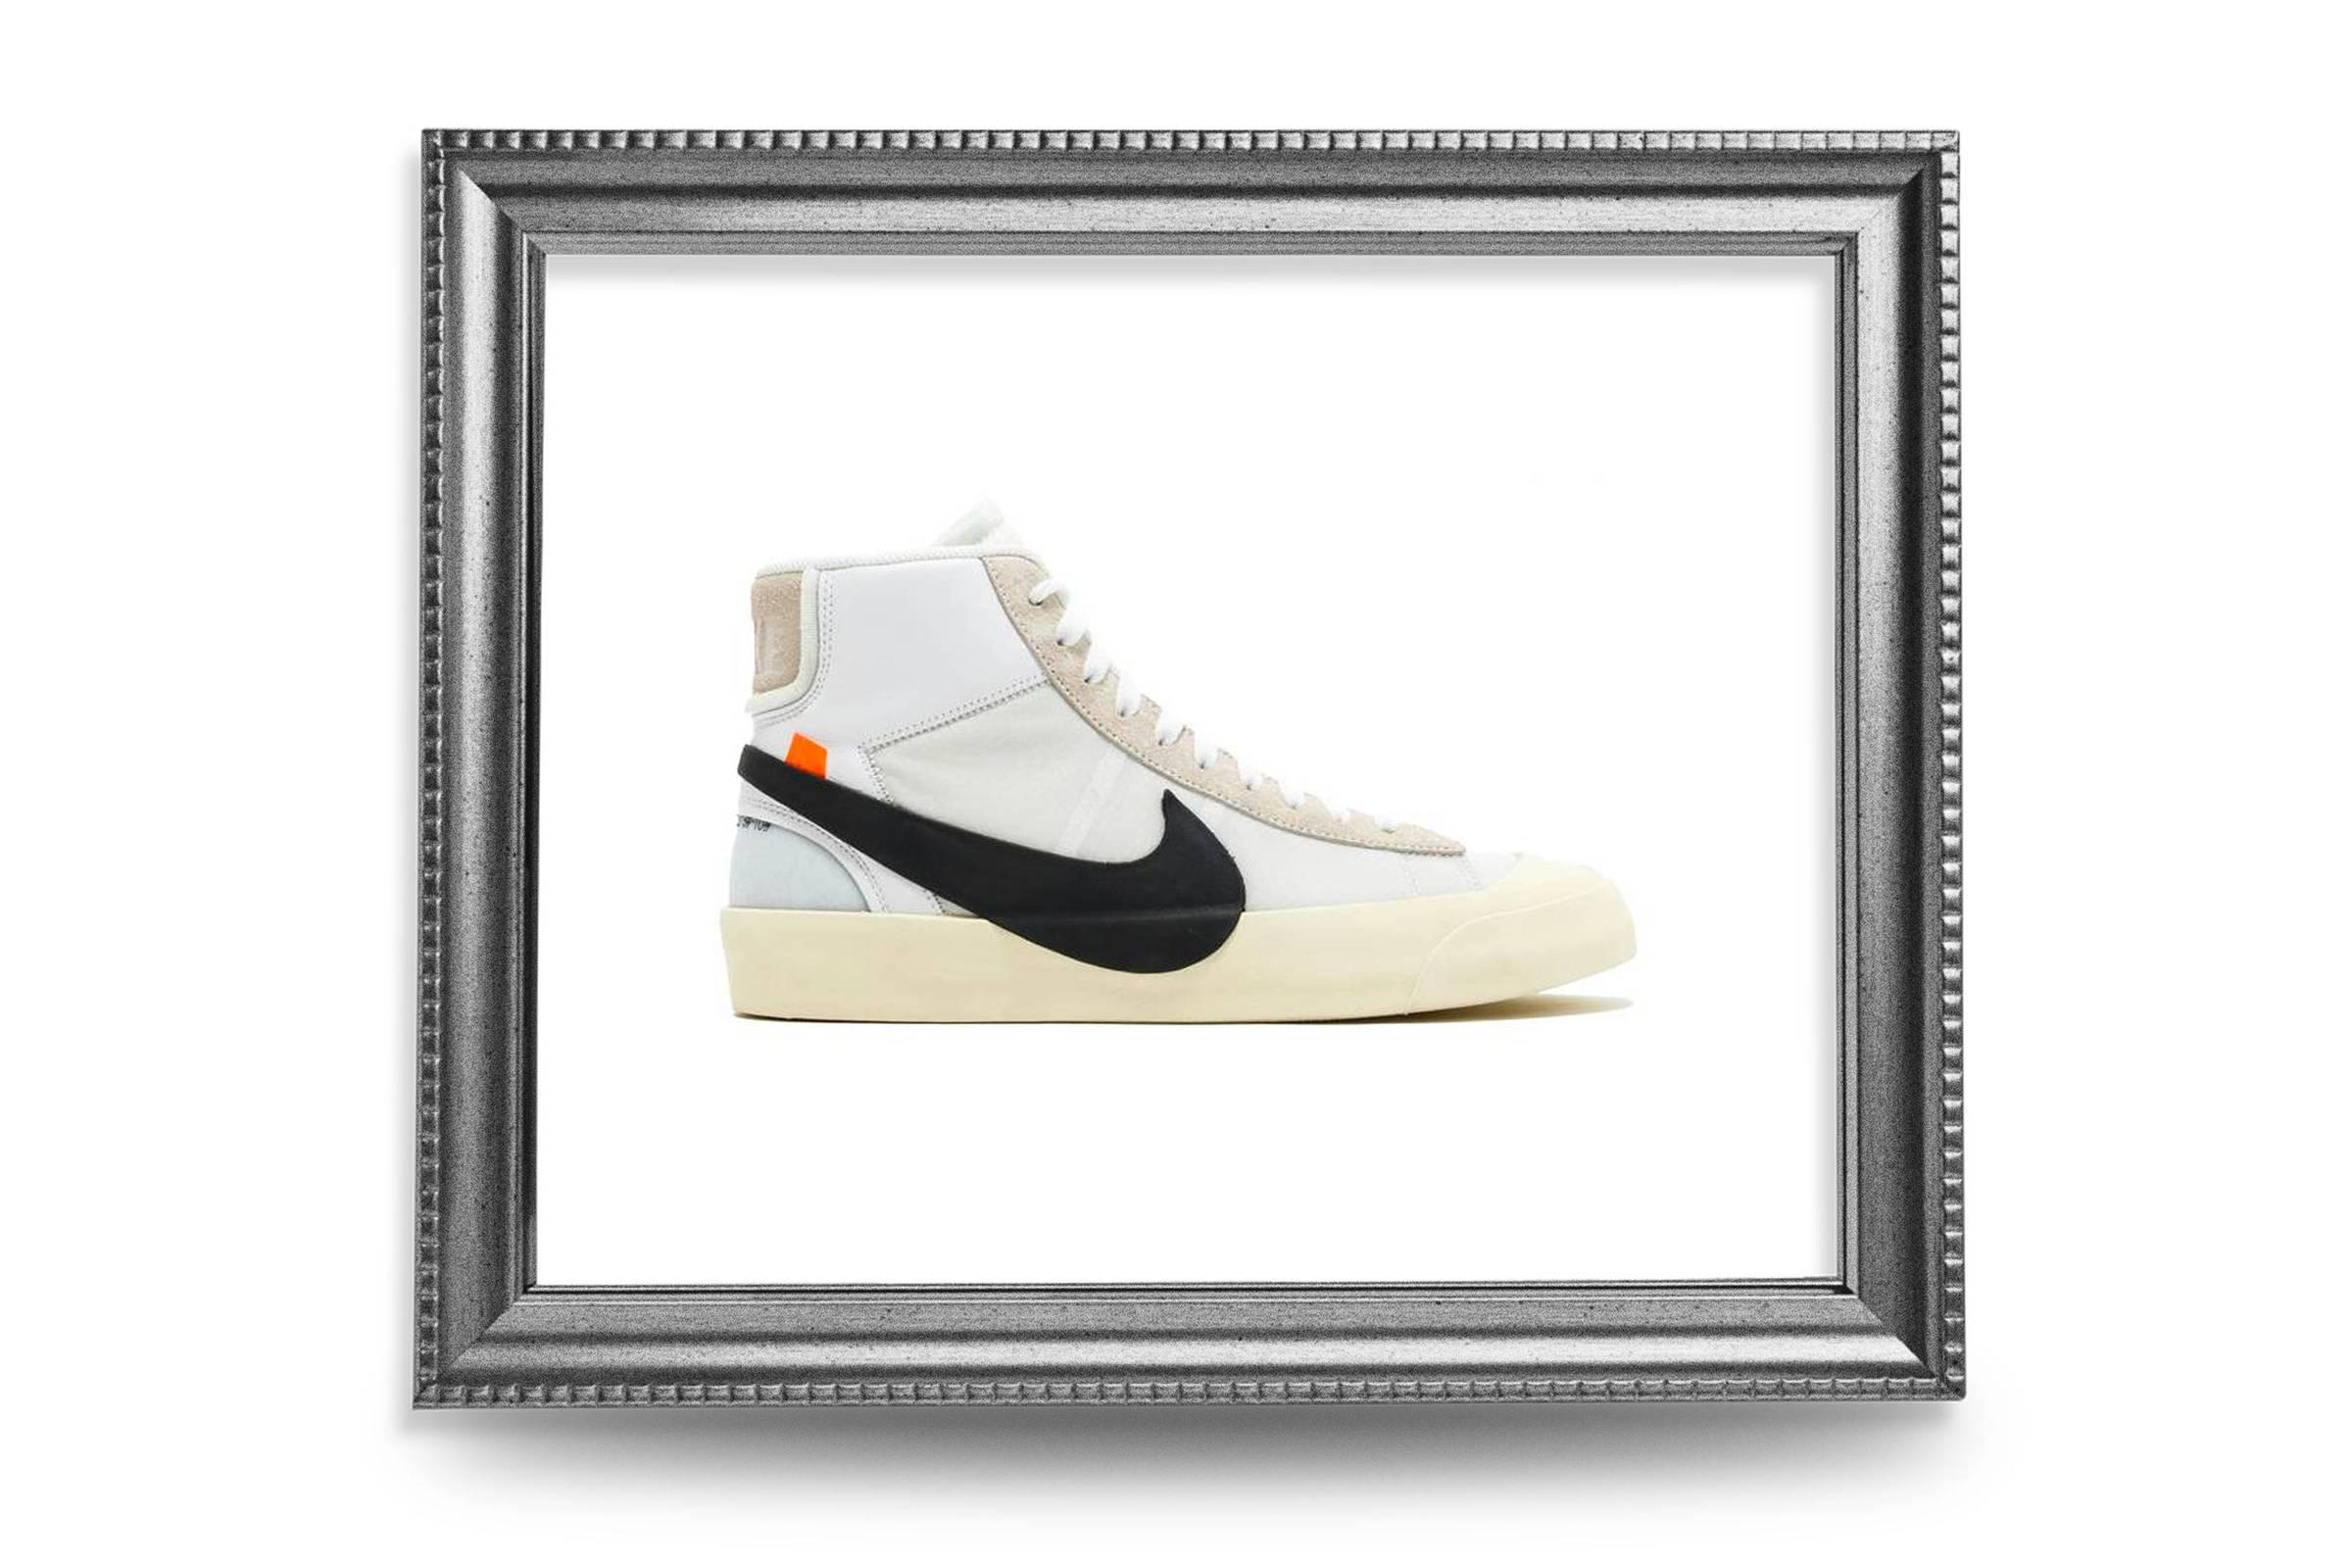 Sneaker Stories: Week of August 30, 2020